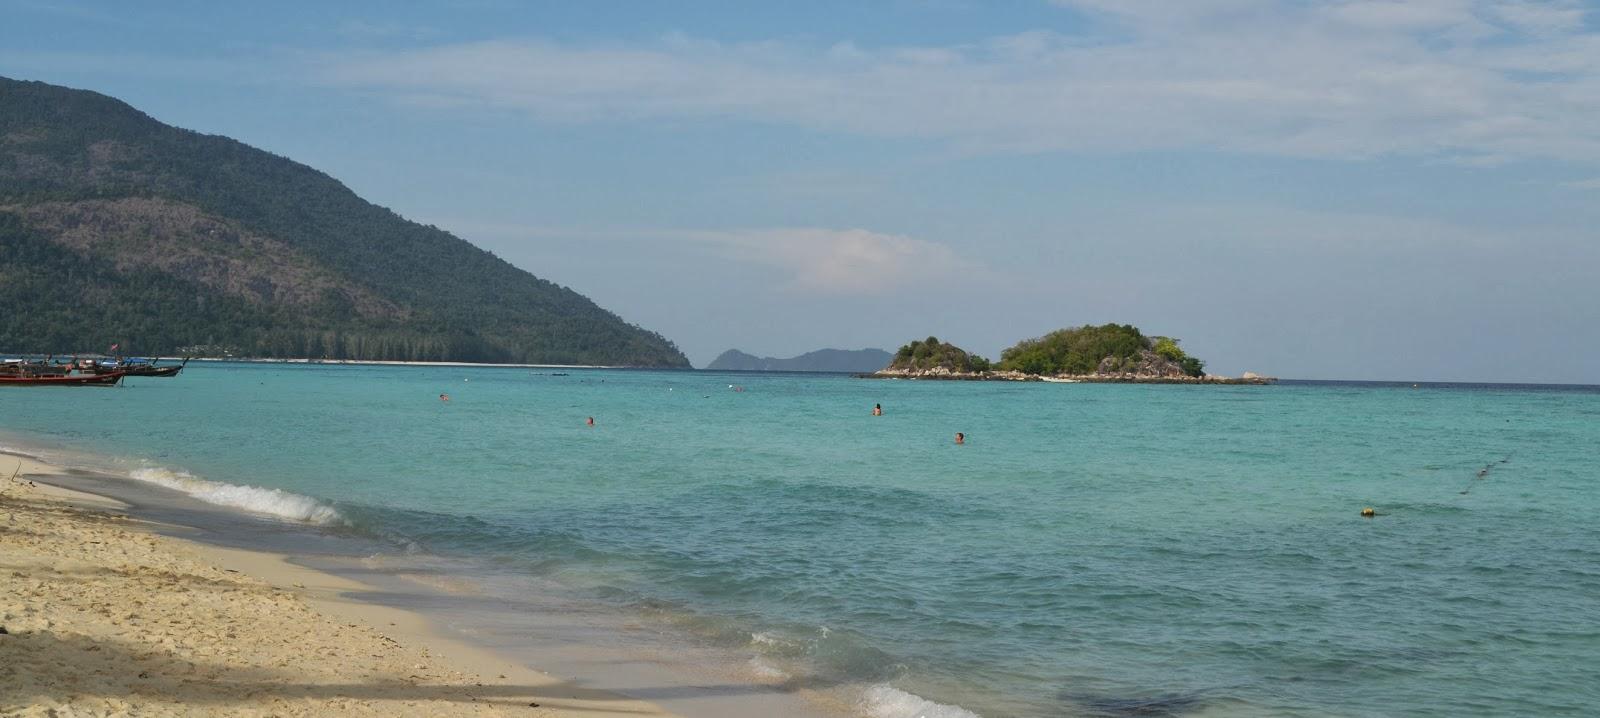 sunrise beach koh lipe thailand